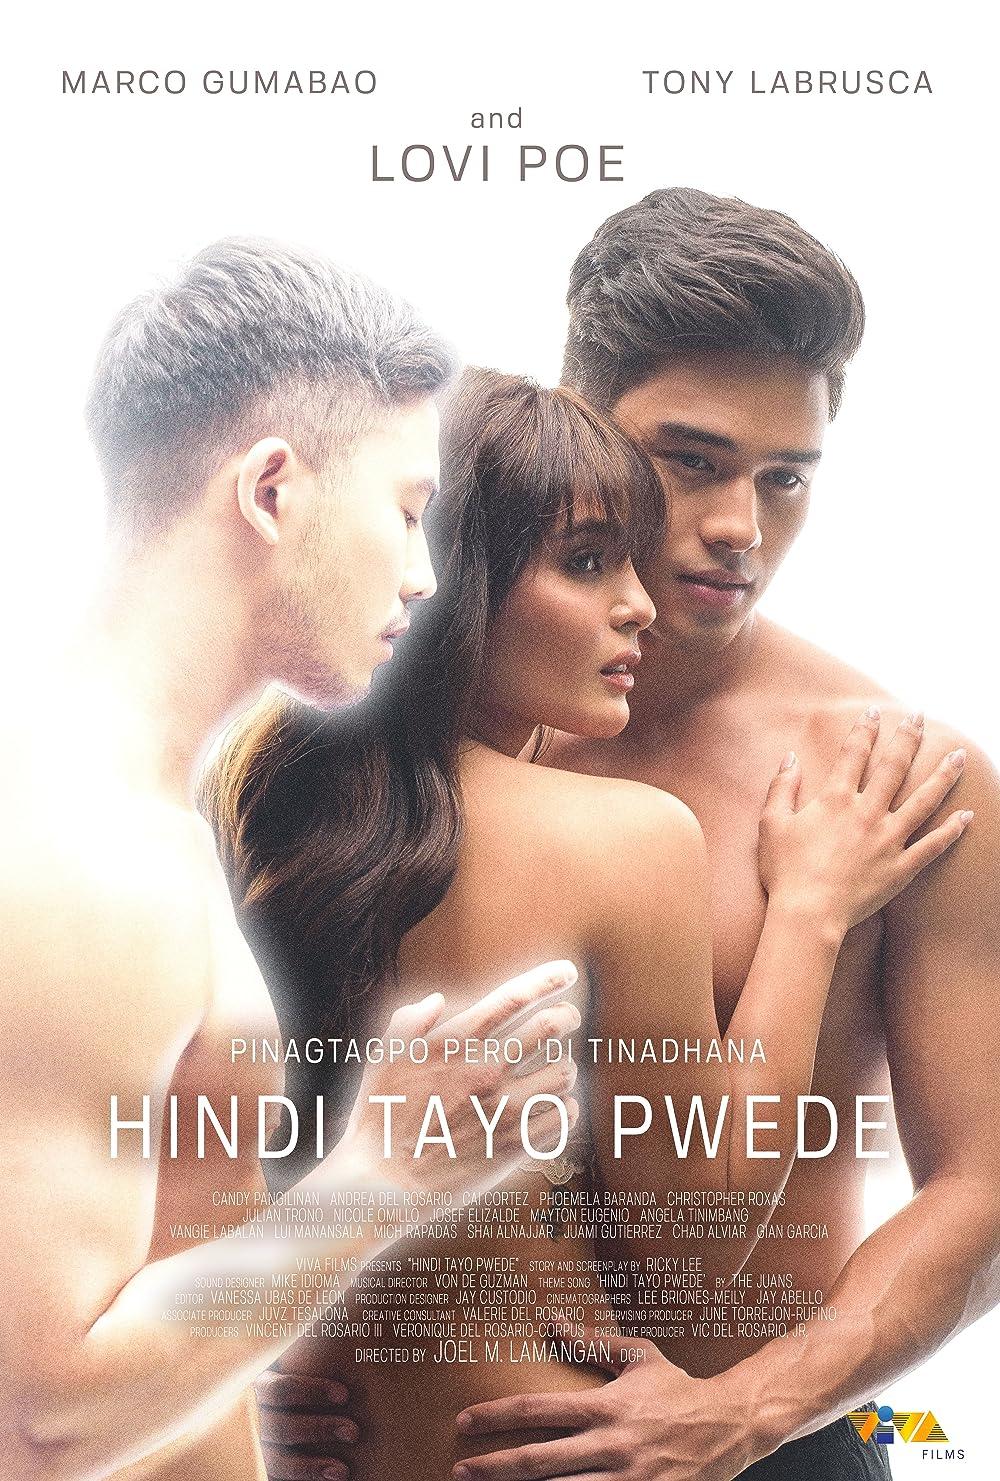 18+ Hindi Tayo Pwede 2020 Tagalog 480p | 720p HDRip x264 AAC 300MB | 700MB  Download